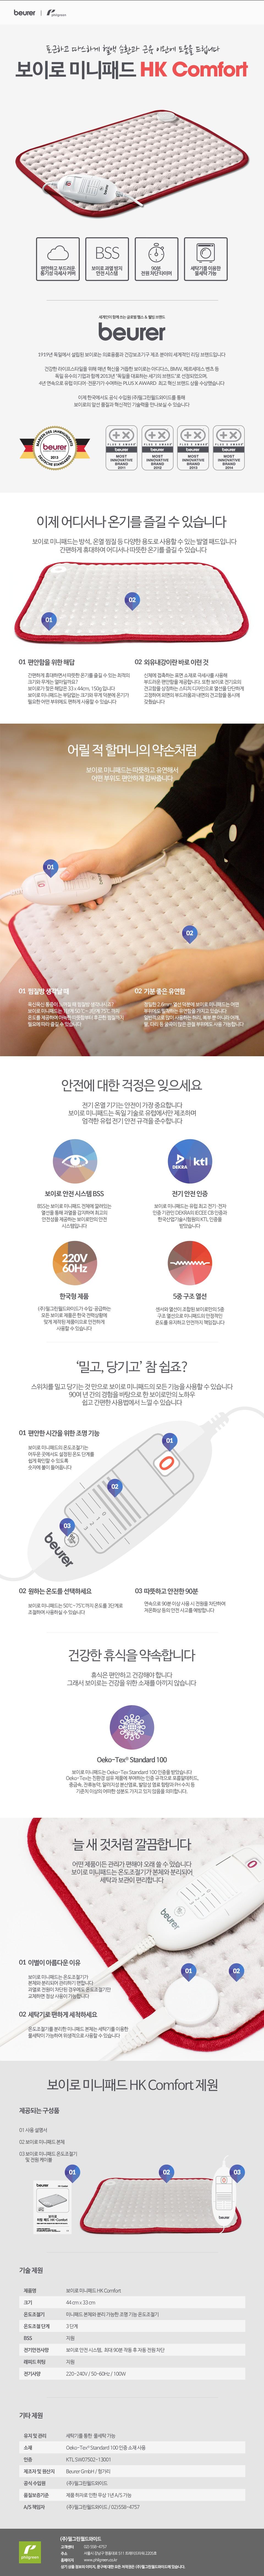 보이로 미니패드 HK Comfort 상세소개